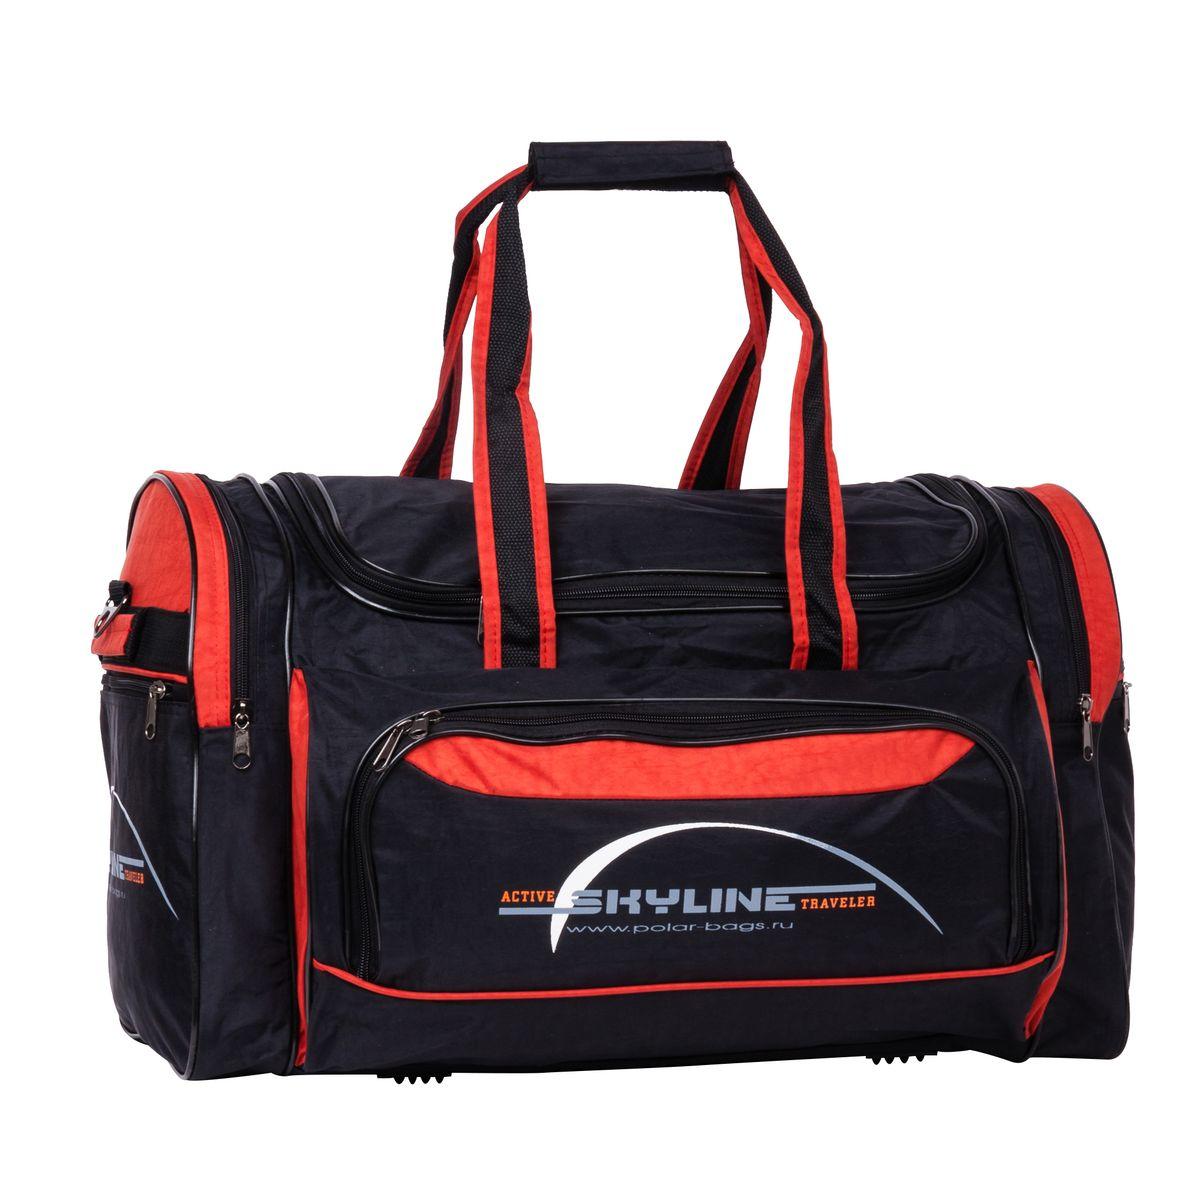 Сумка спортивная Polar, цвет: черный, красный, 66,5 л. 6069.16069.1_черный, красныйМатериал – полиэстер с водоотталкивающей пропиткой. Вместительная спортивная сумка среднего размера. Внутри - один отдел, два боковых кармана и карман на передней части. В комплект входит съемный плечевой ремень. Эта сумка идеально подойдет для спорта и отдыха. Спортивная сумка для ваших вещей. Сумка раздвижная ,на 5 см по бокам сумки.